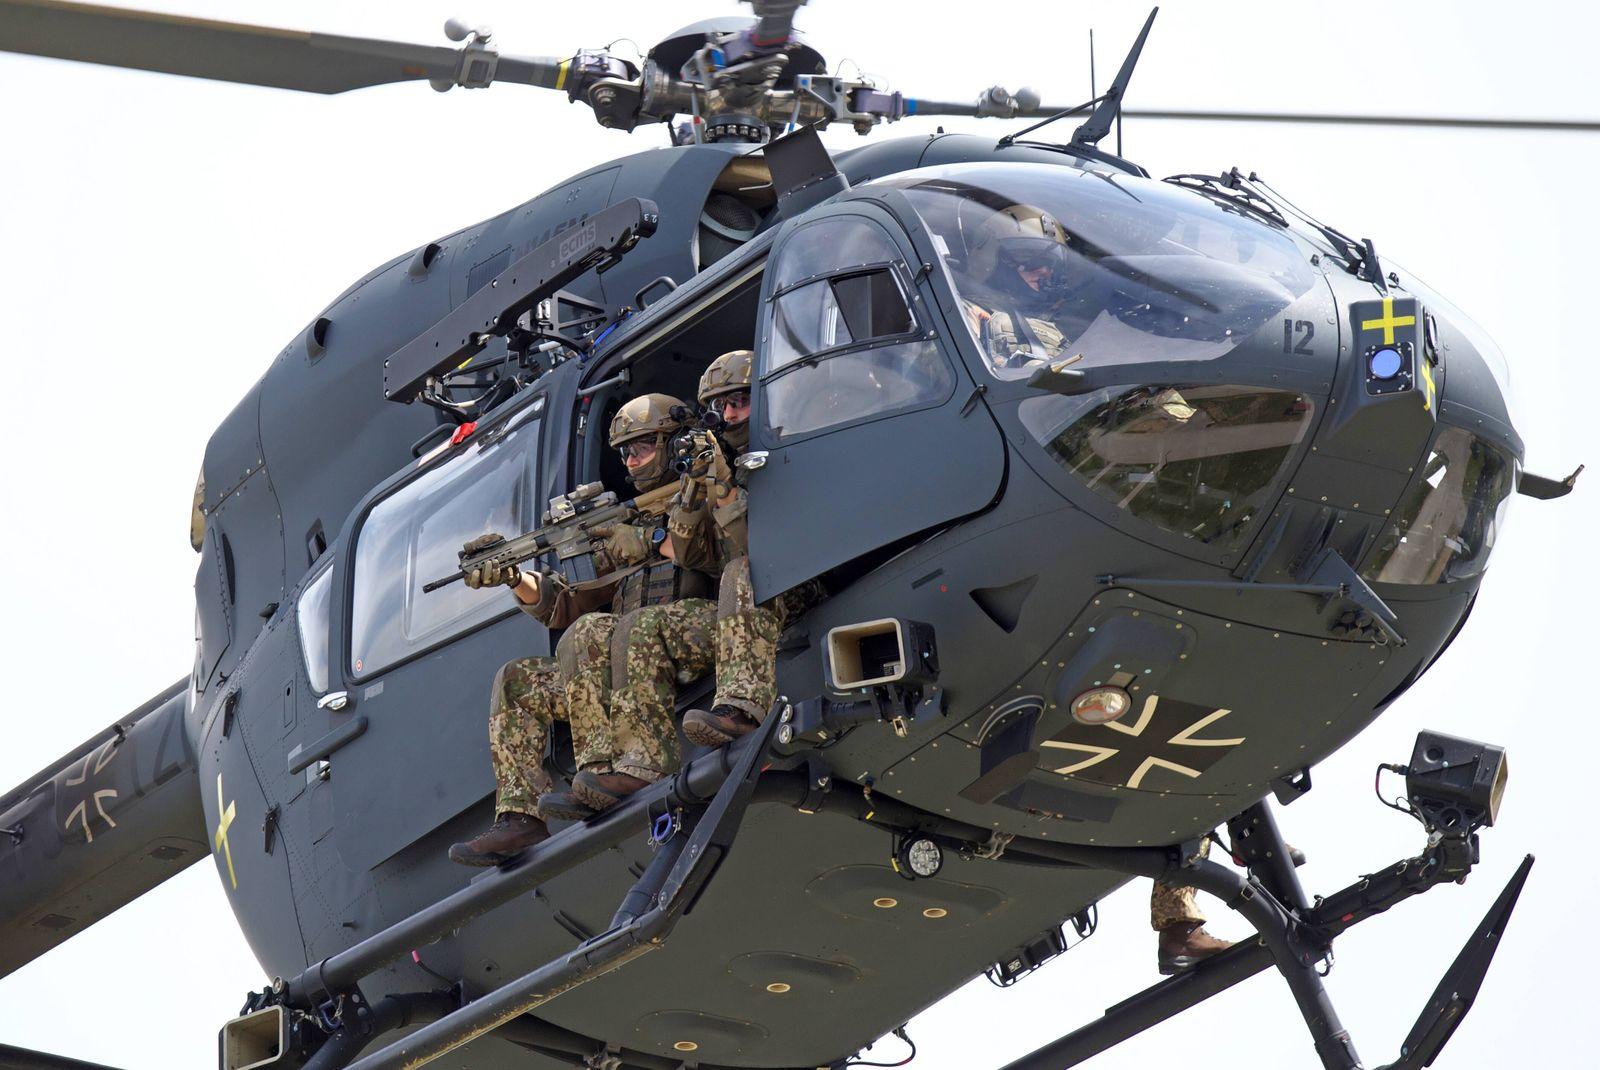 Kommandosoldaten des Kommando Spezialkräfte KSK sitzen im Helikopter vom Typ Airbus Helicopters H1